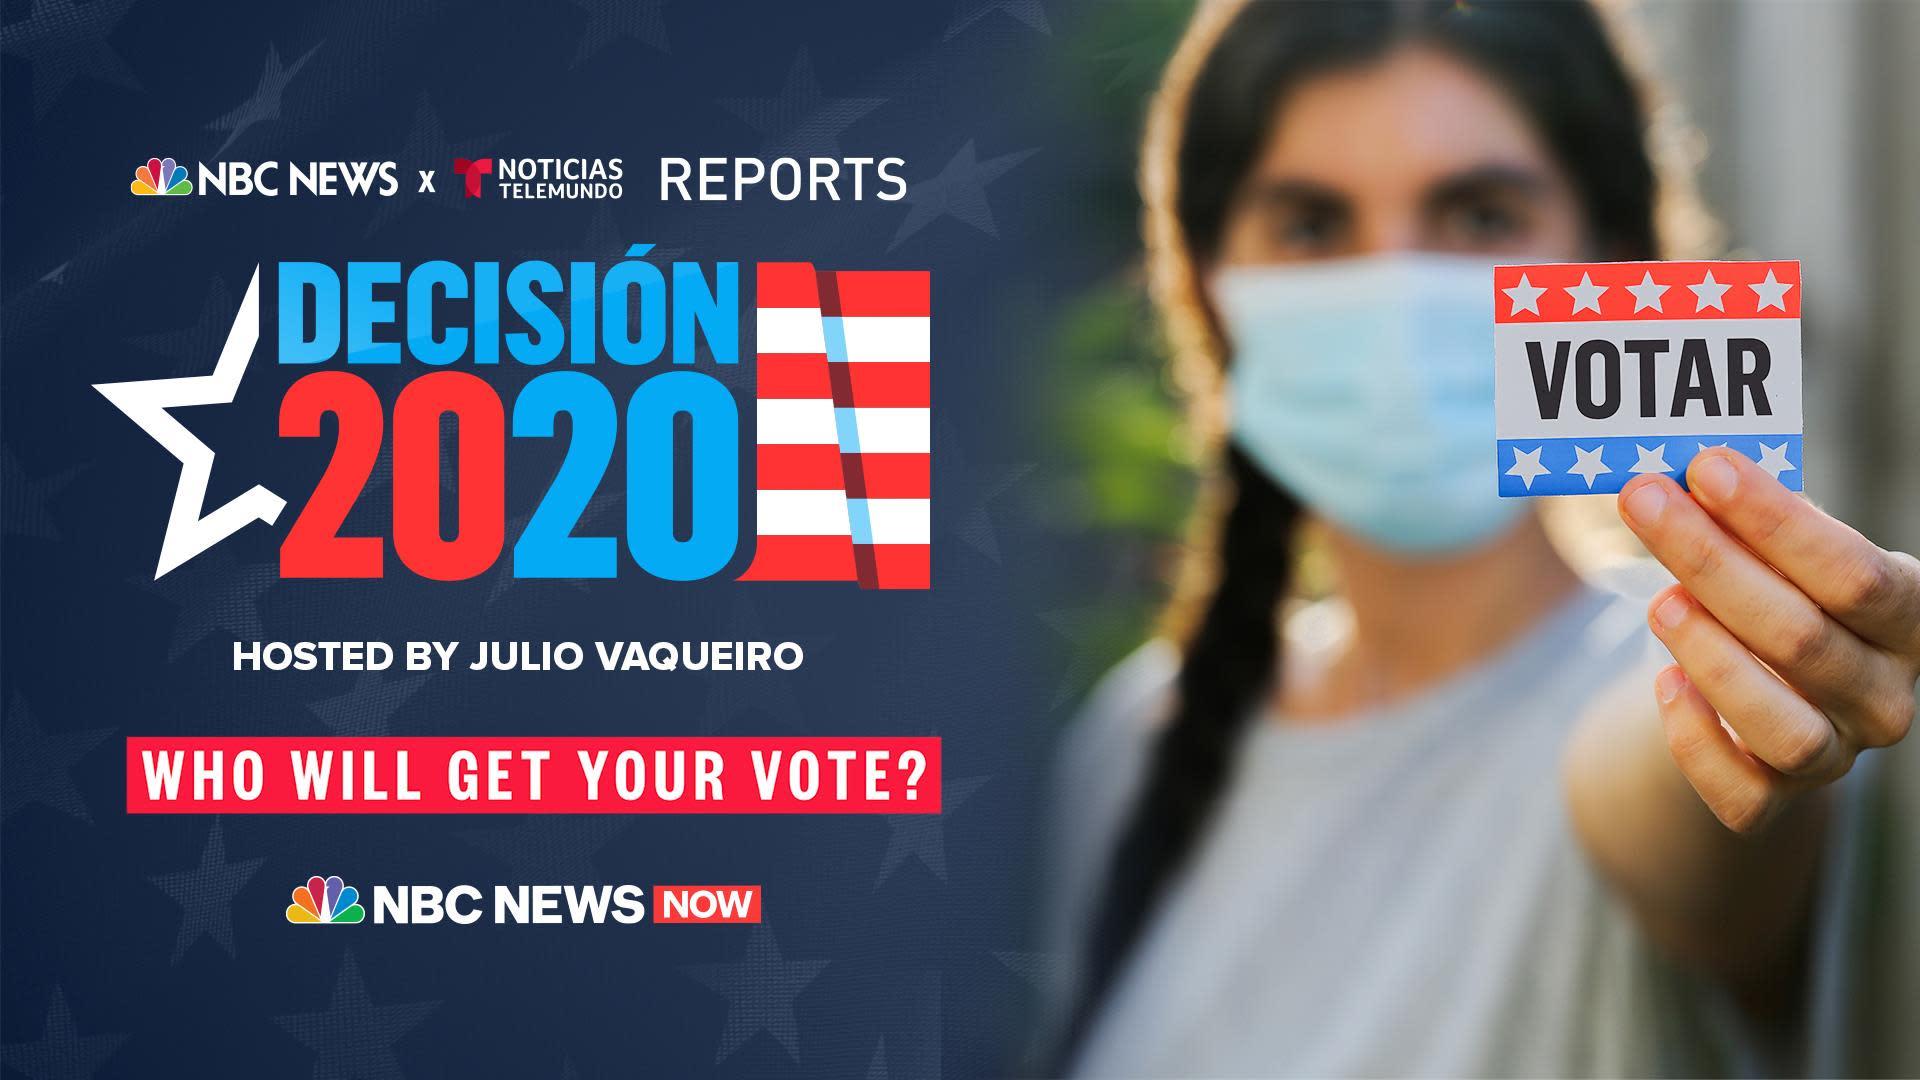 Decisión 2020: Latinos at the center of the election